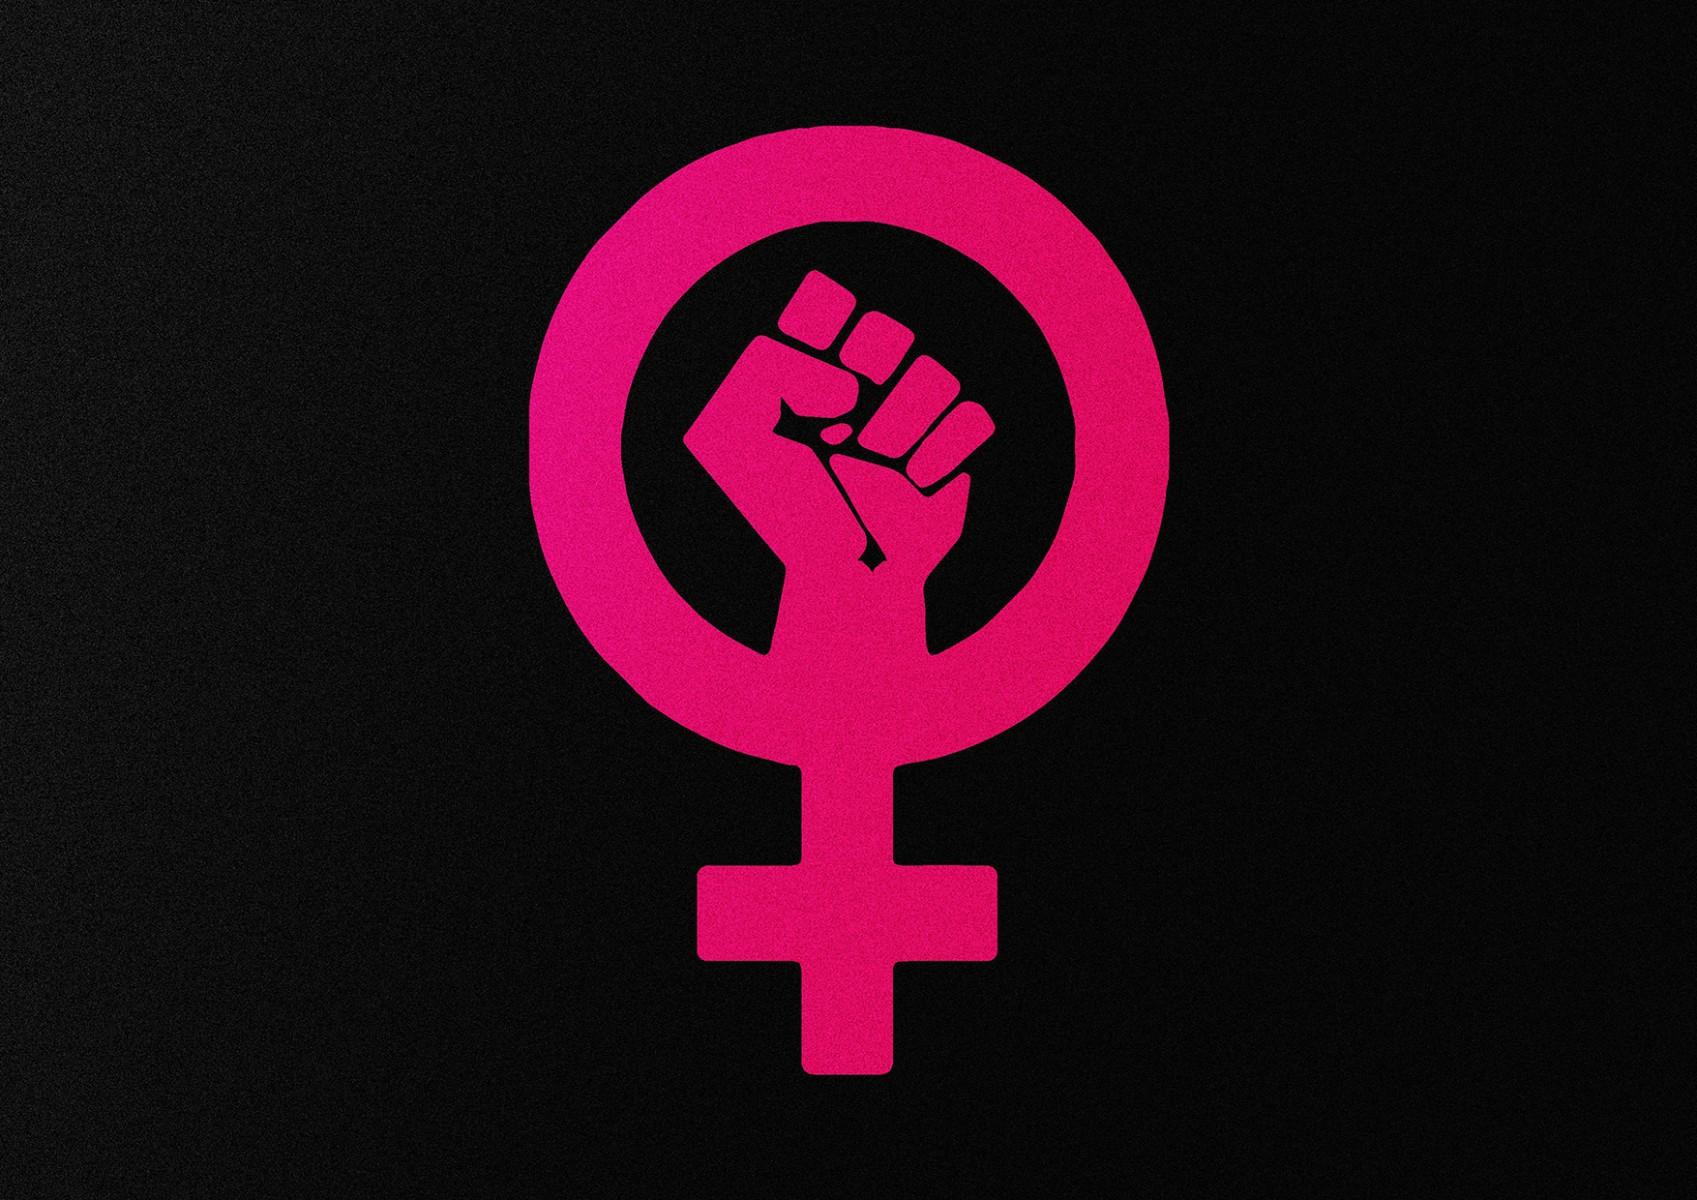 Le opinioni del campione su Internet, social network e femminismo.